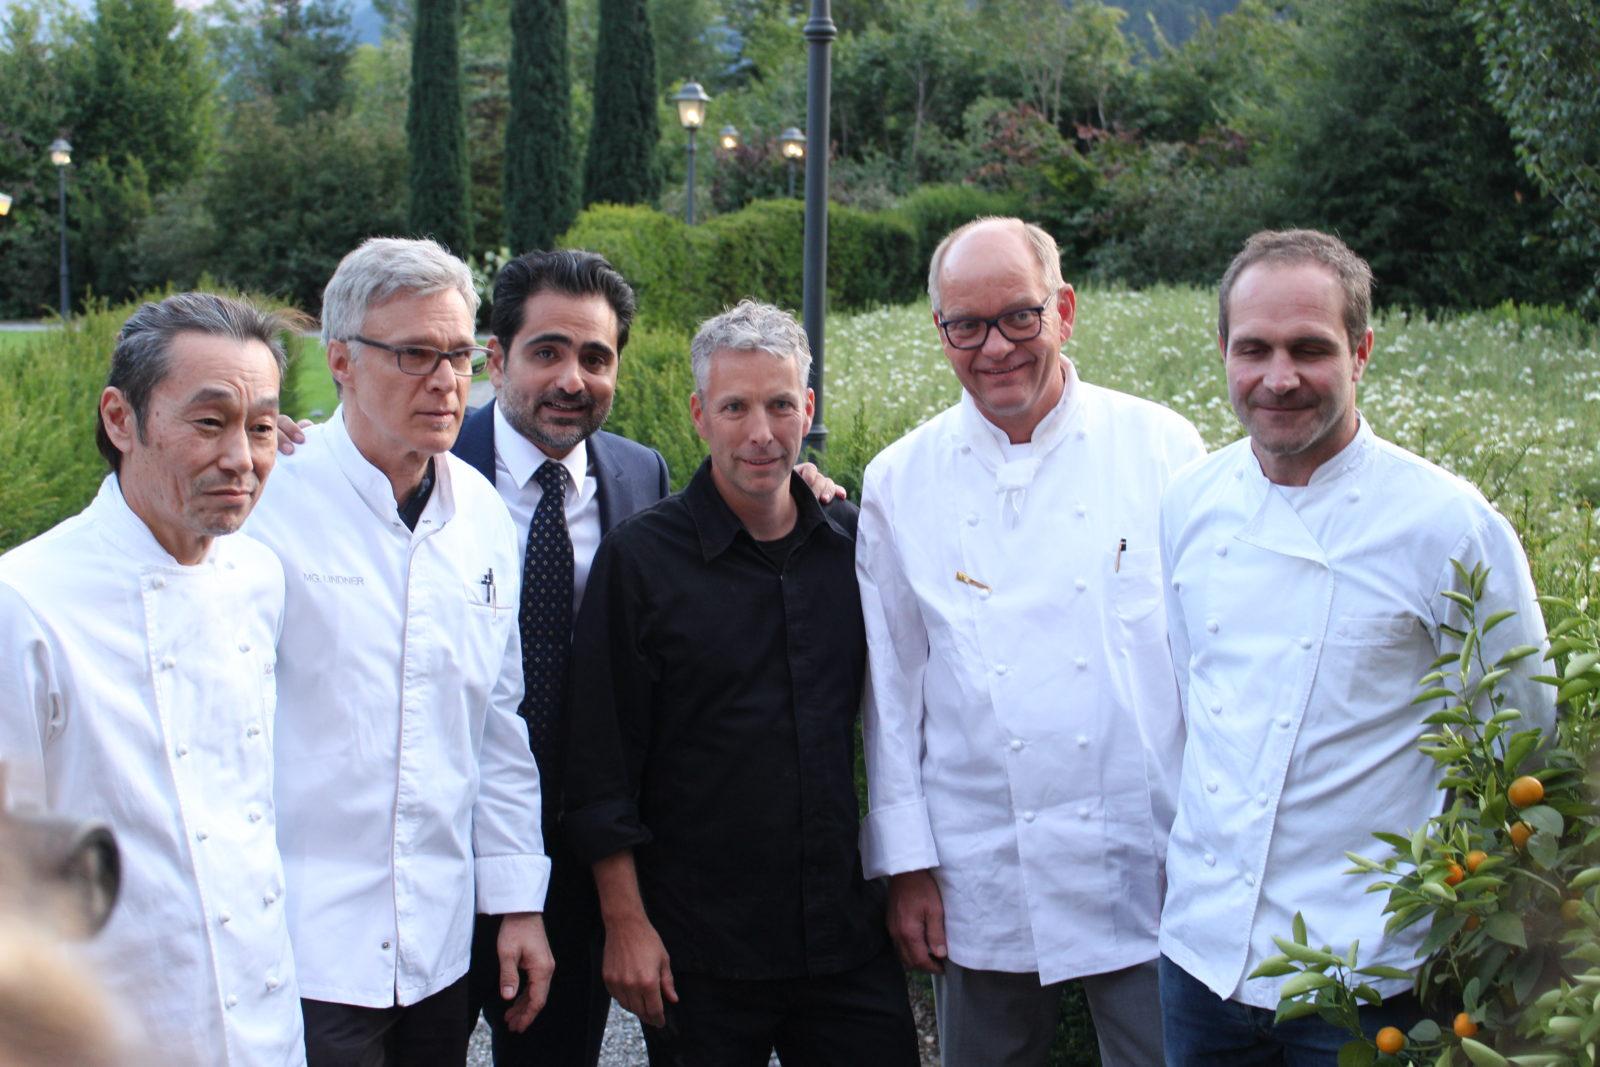 chefs autopur de Martin Goeschel Alpina Gstaad